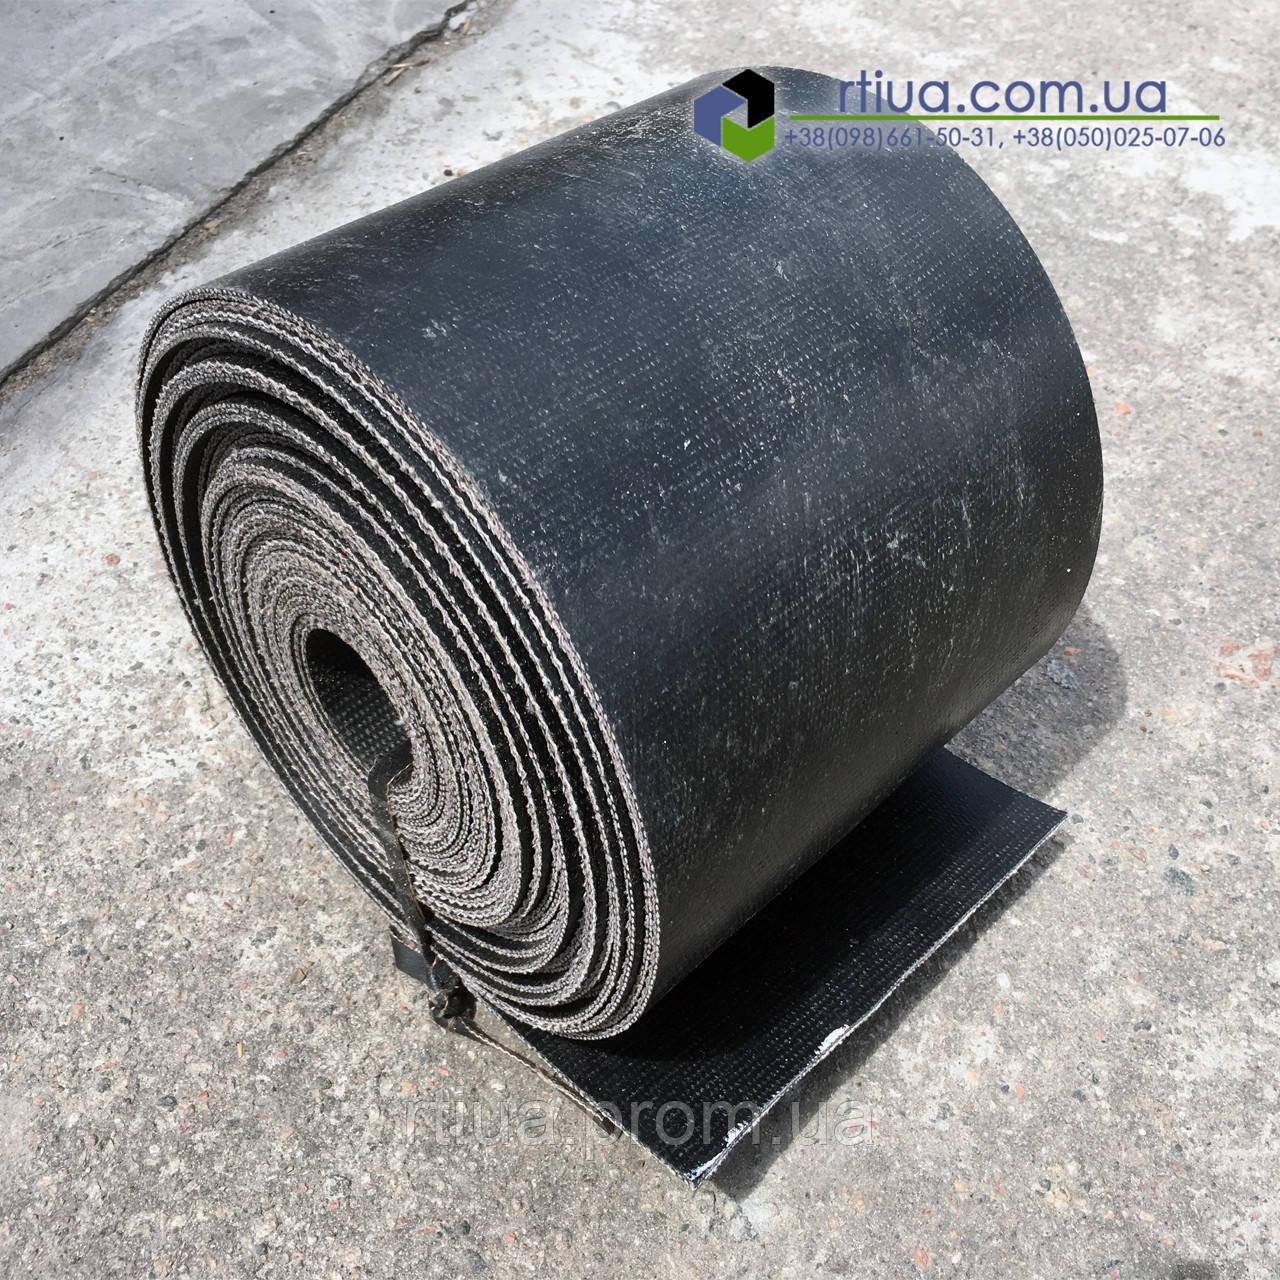 Транспортерная лента БКНЛ, 500х3 - 2/0 (5 мм)